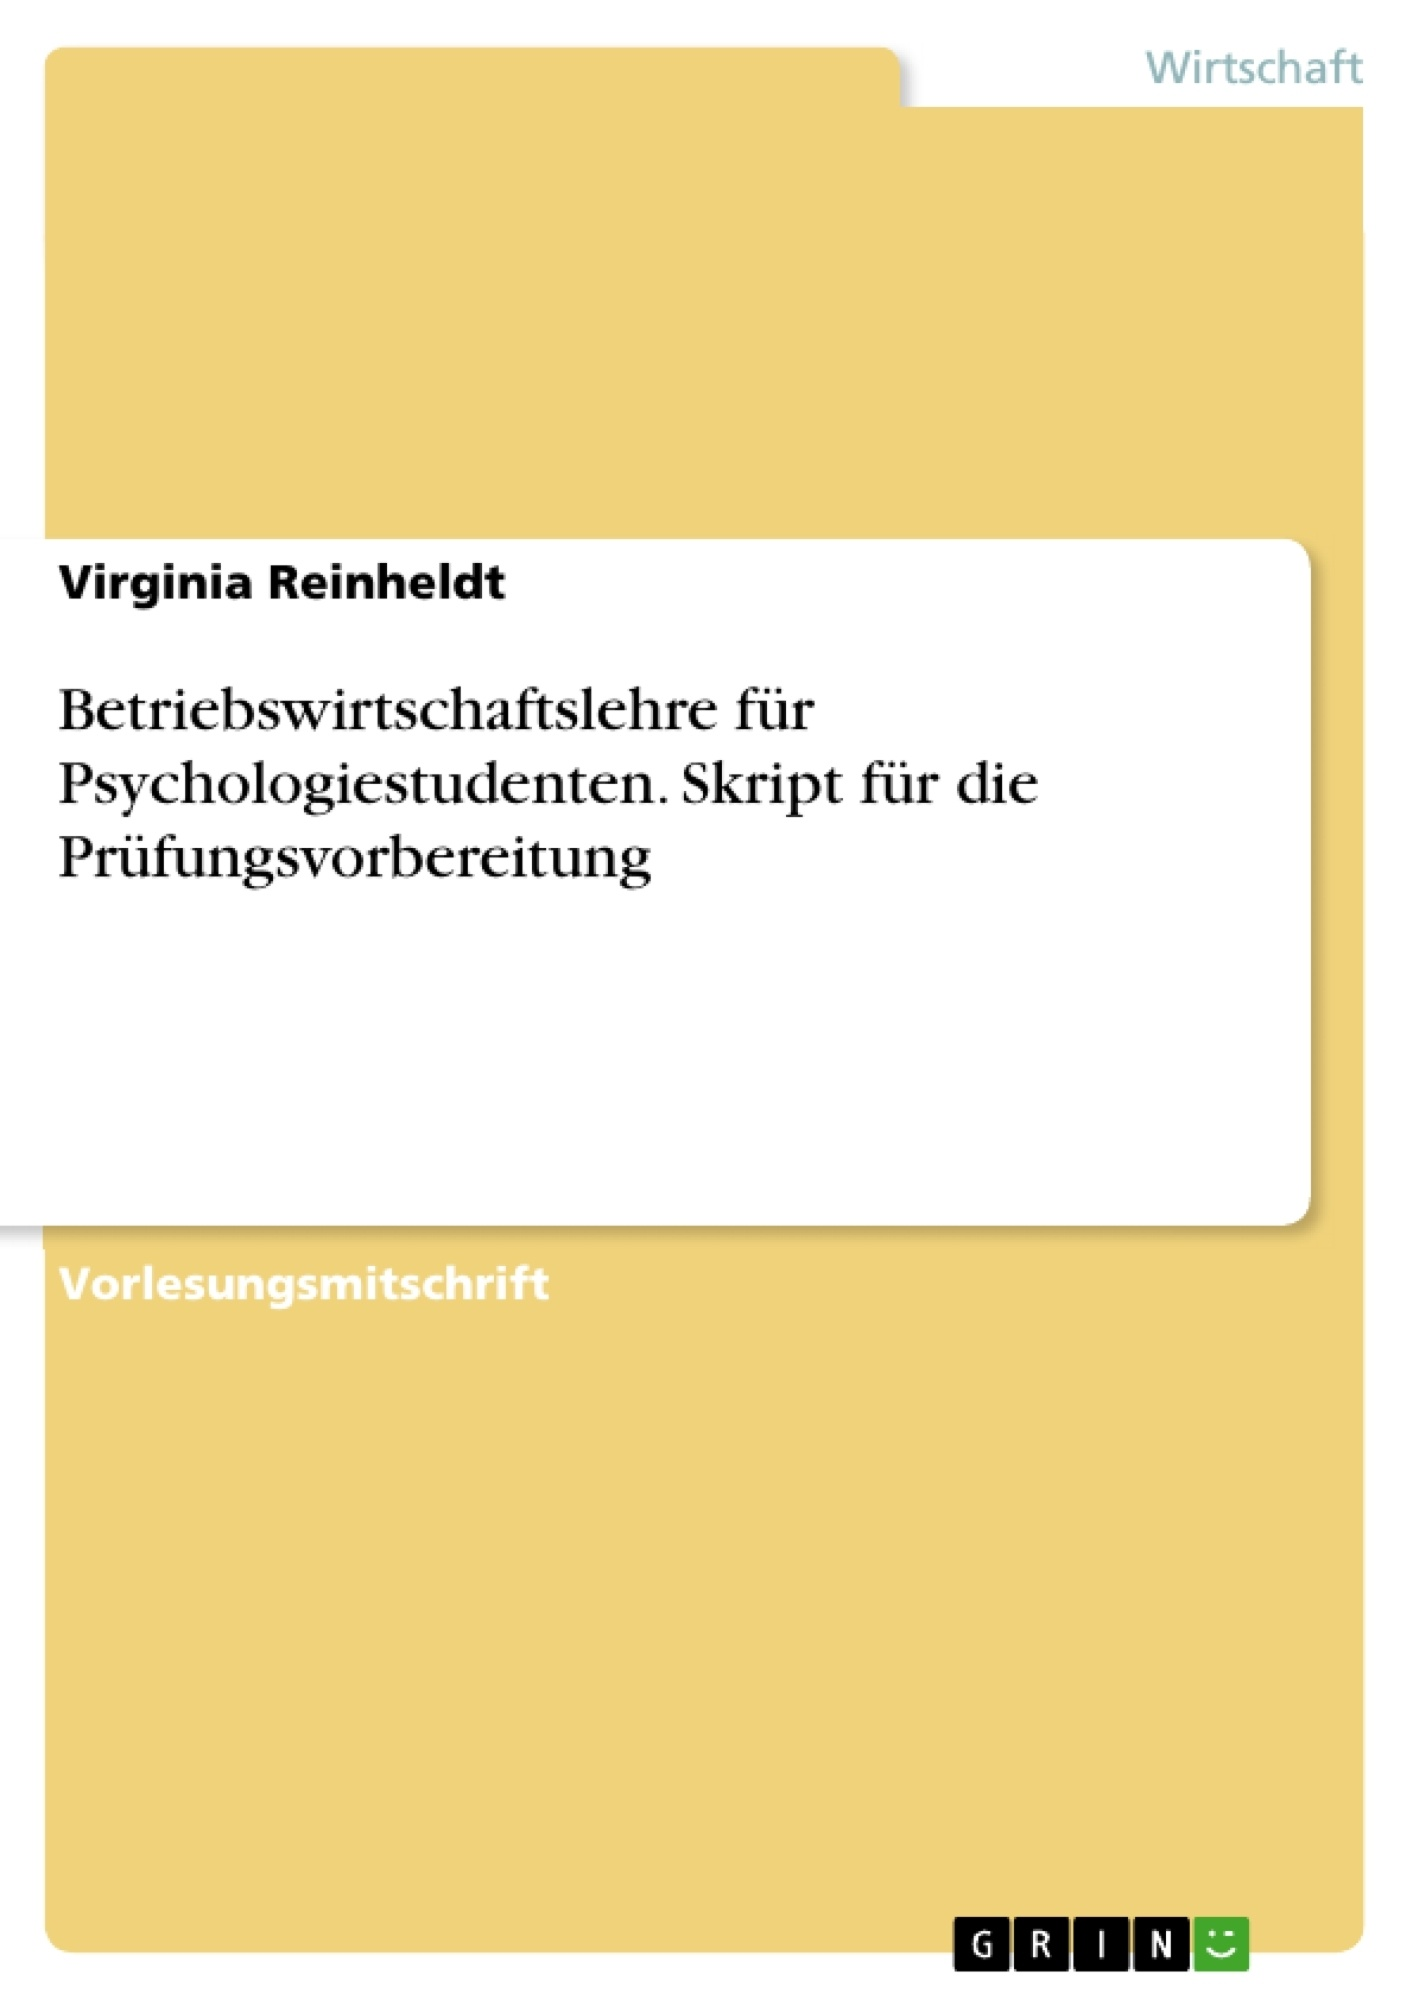 Titel: Betriebswirtschaftslehre für Psychologiestudenten. Skript für die Prüfungsvorbereitung